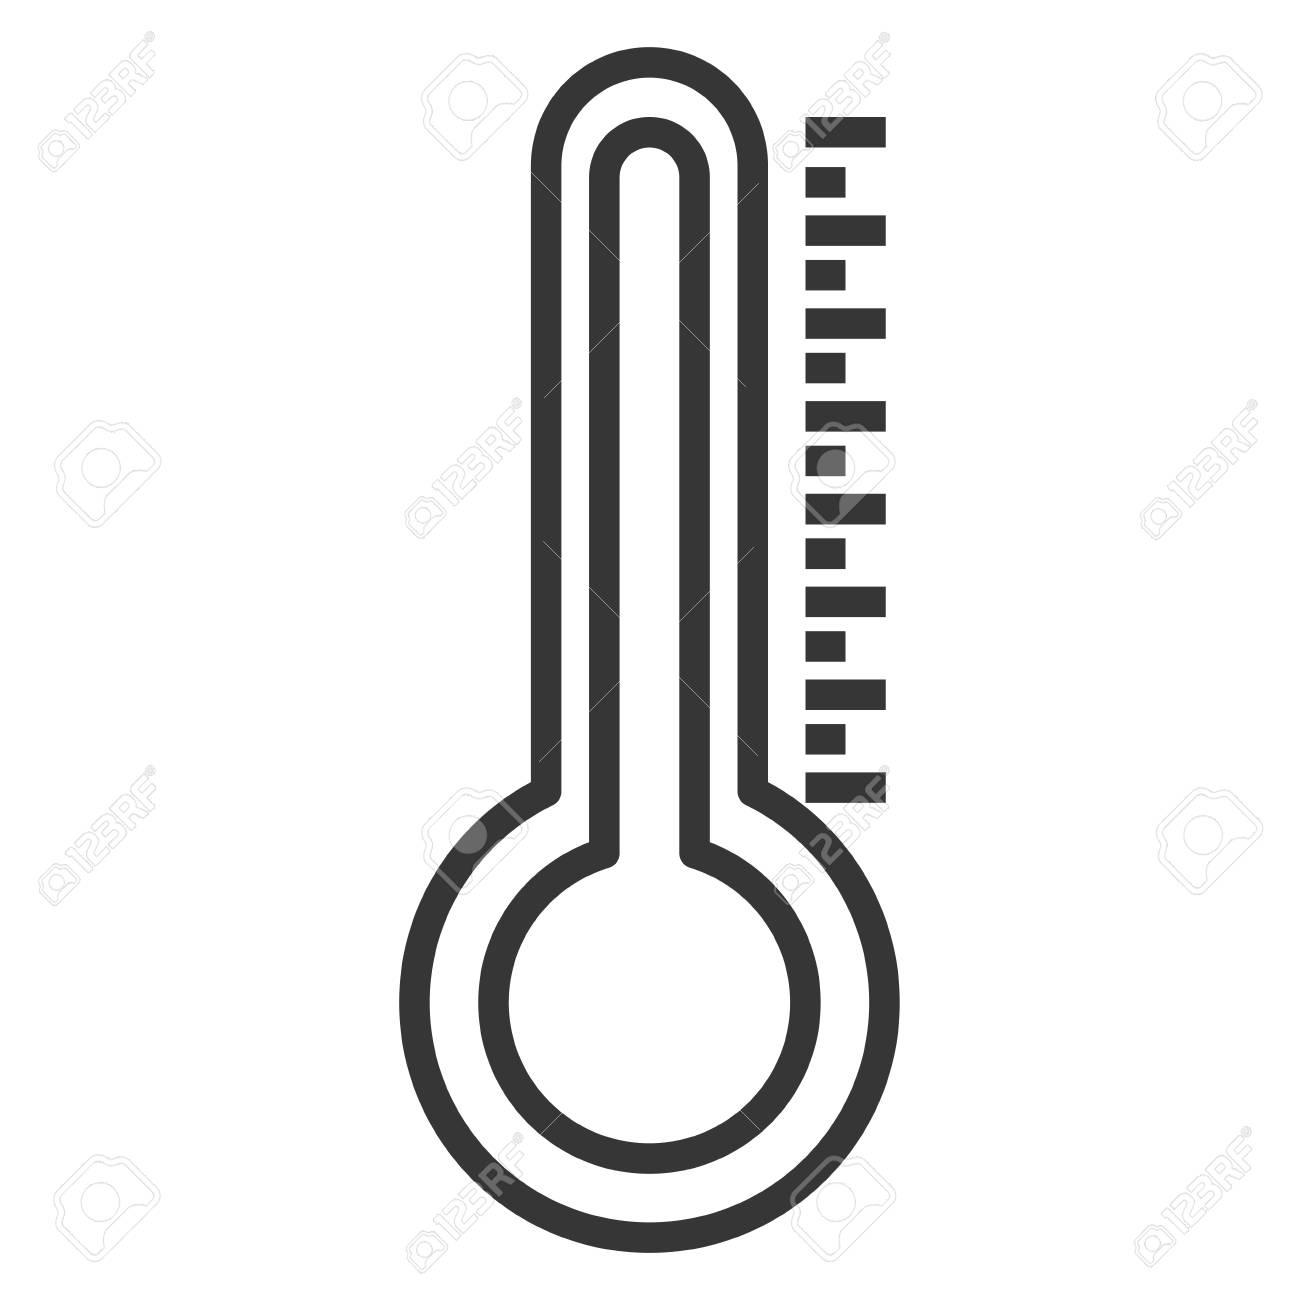 Thermometer measure temperature icon vector illustration design - 94612563